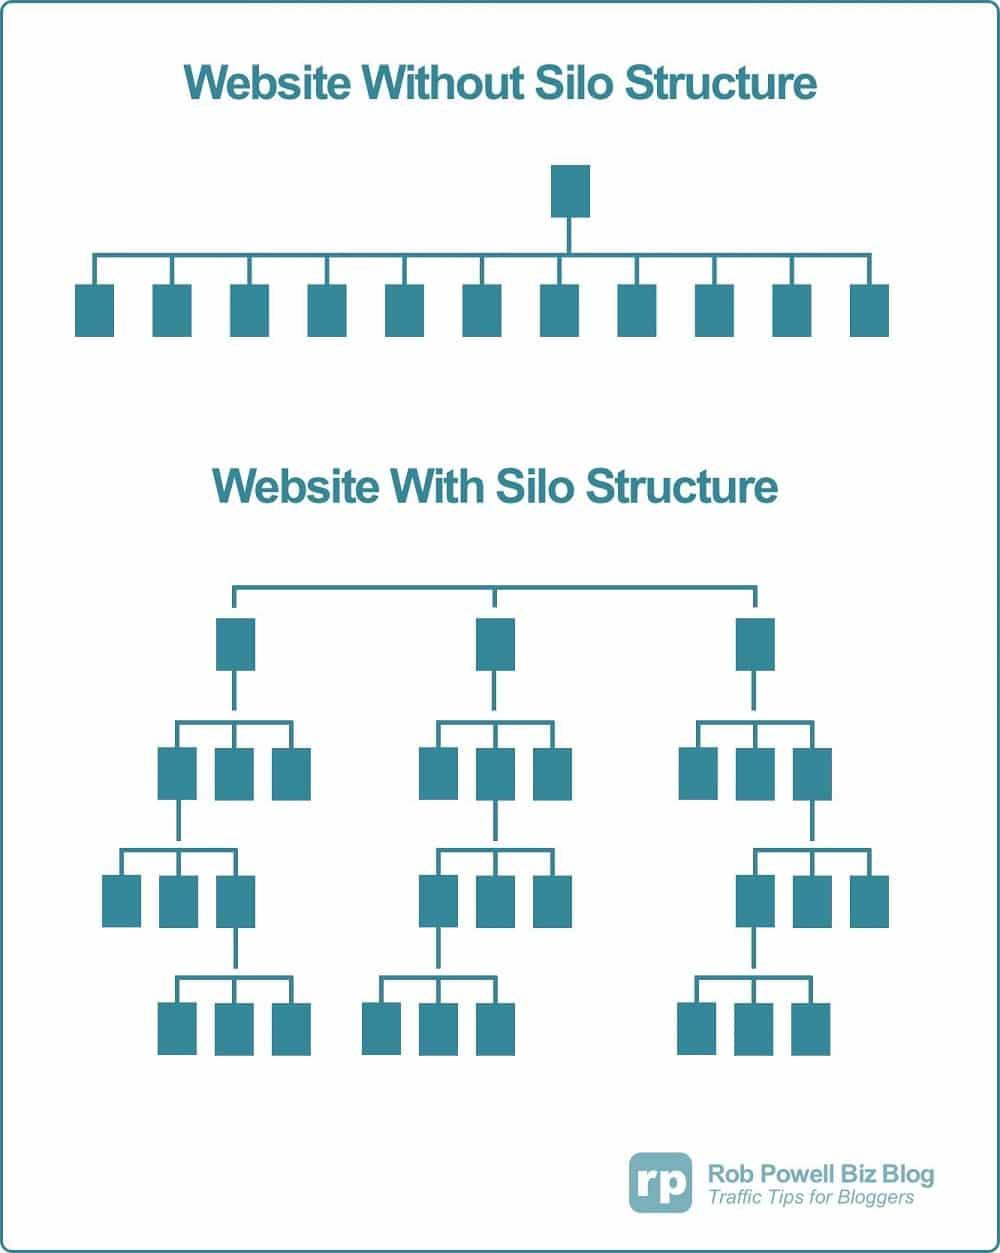 Cấu trúc Silo là gì? Cấu trúc silo hiệu quả đánh bại website đối thủ